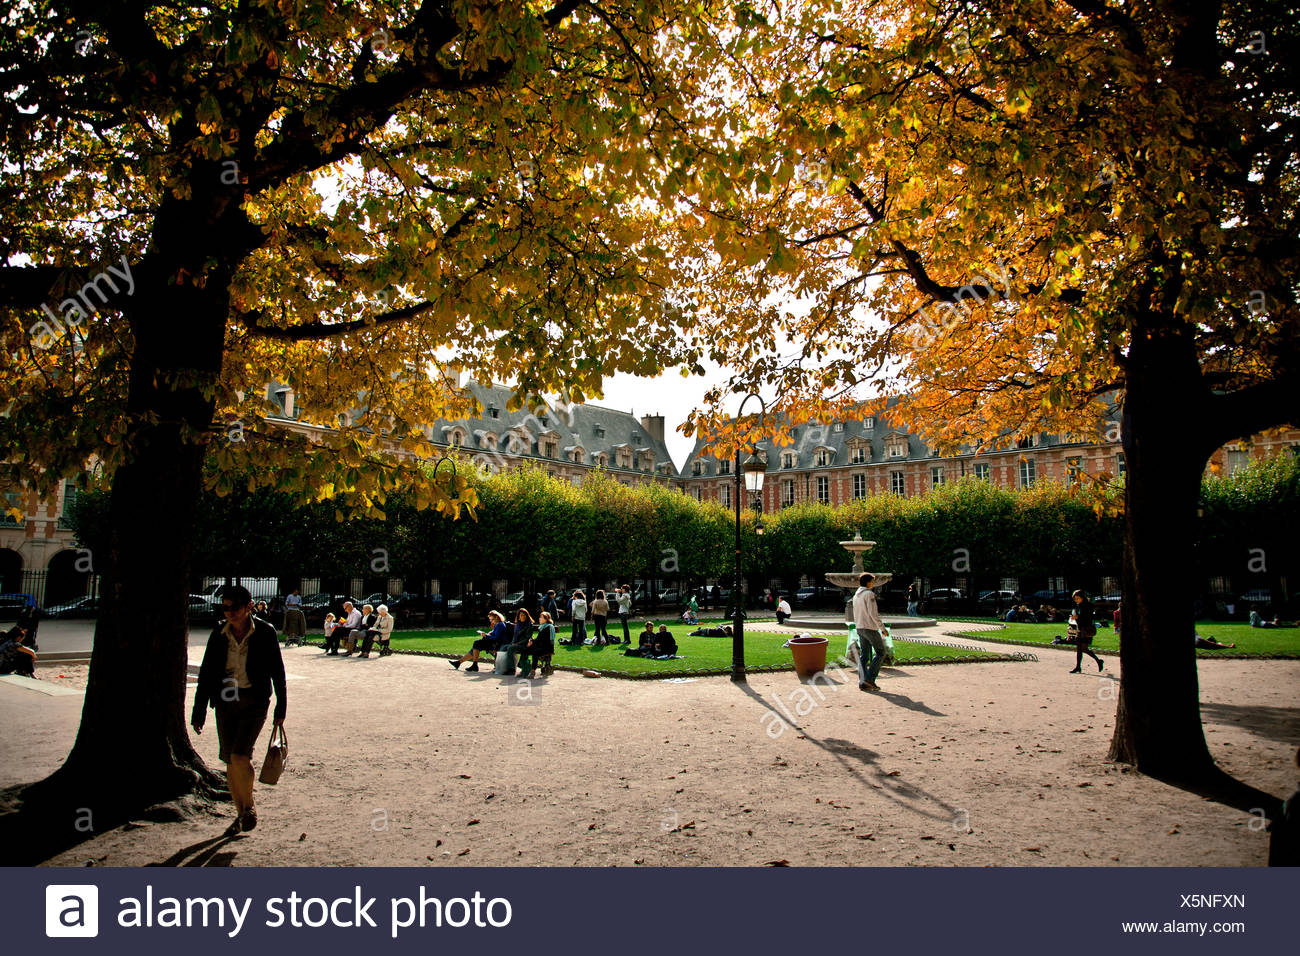 Place des Vosges square, Le Marais, Ile de France, Paris, France, Europe - Stock Image